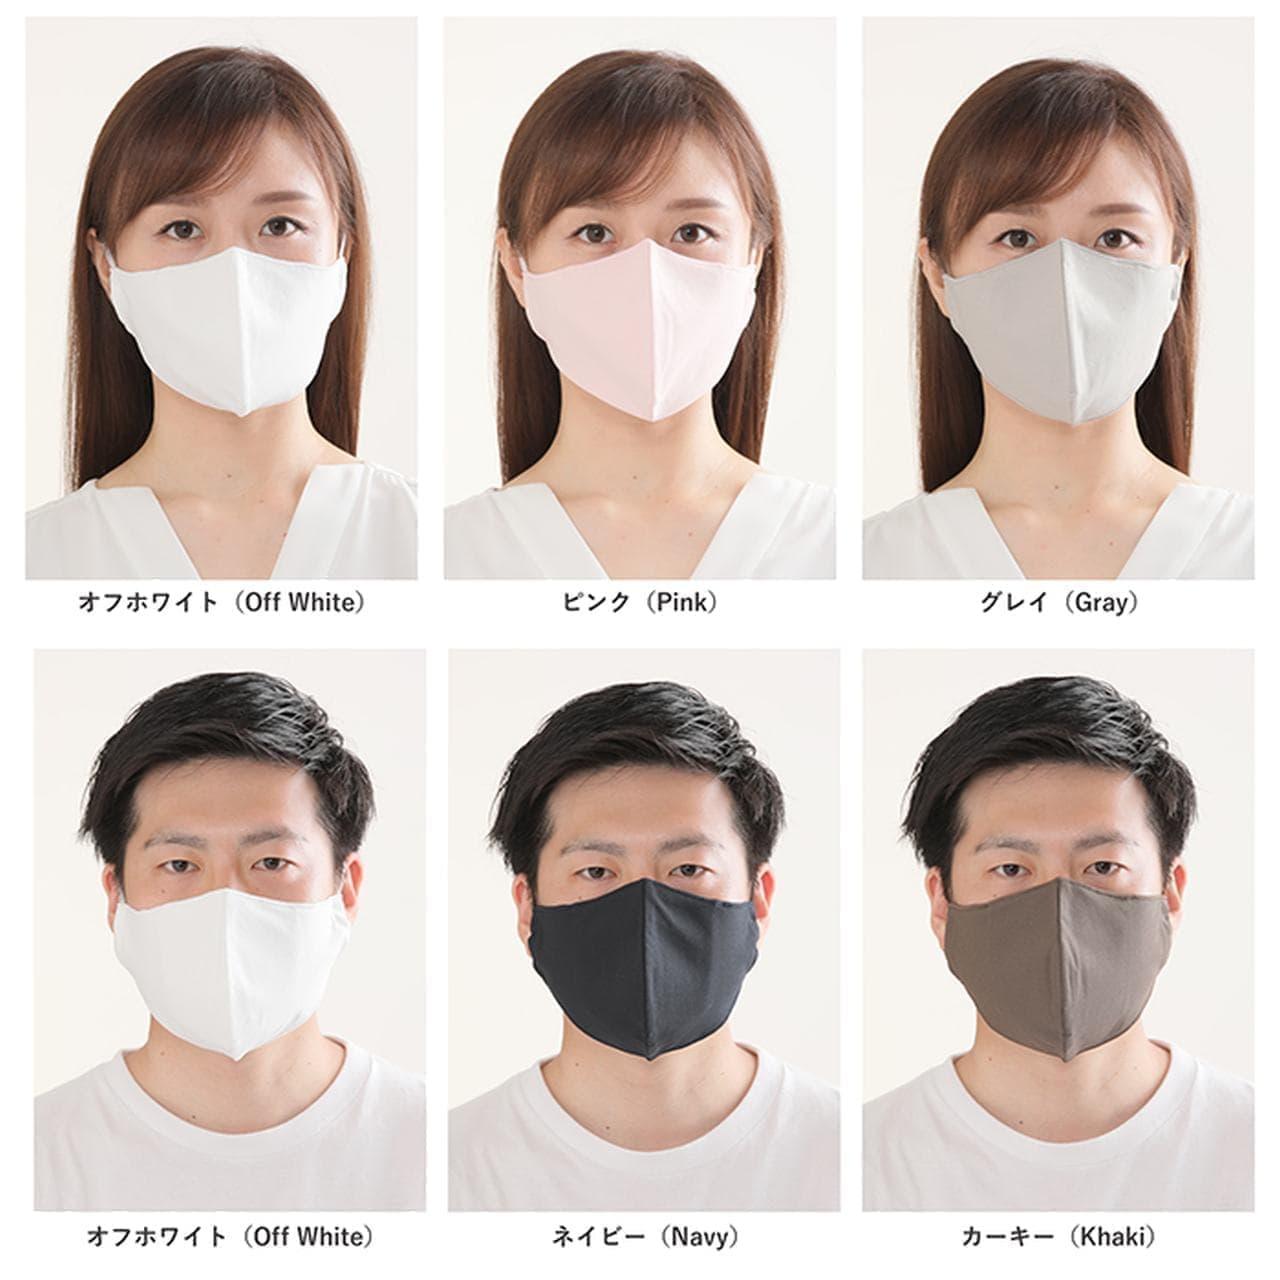 高機能冷感立体マスク「Pit Mask COOL」